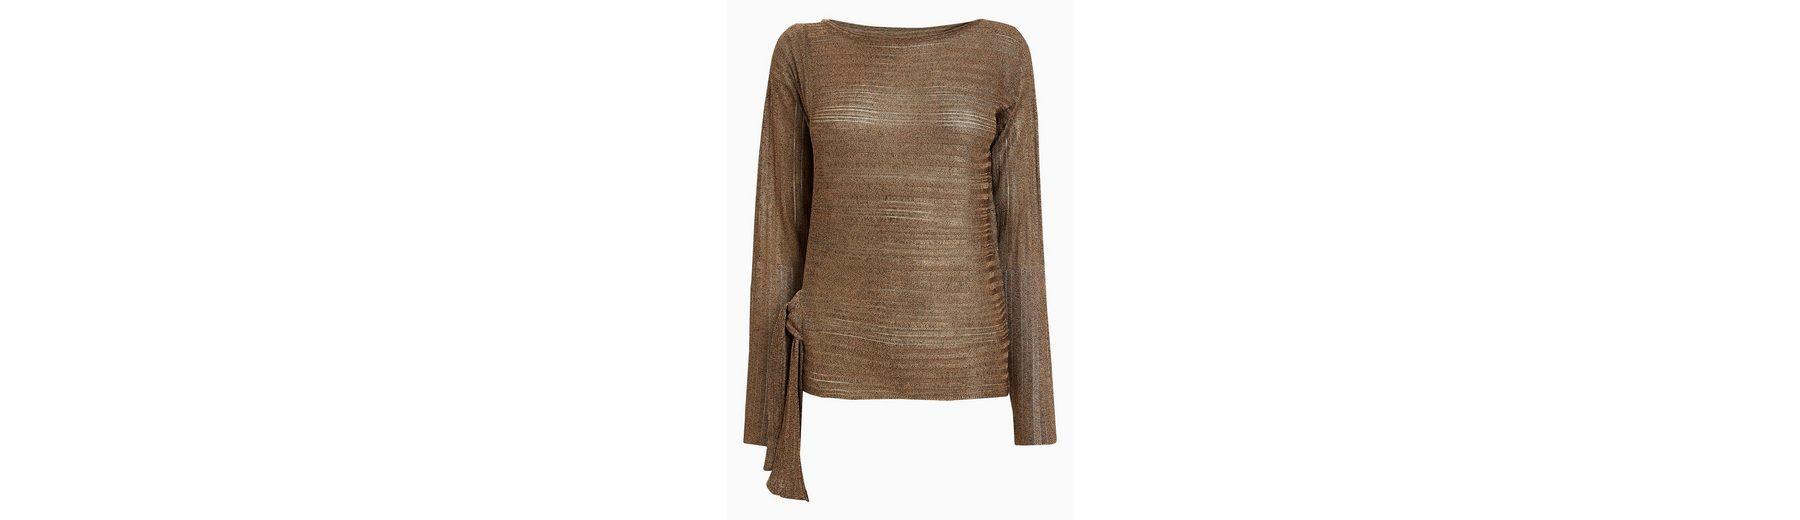 Die Günstigste Online Original Online Next Pullover mit Knotendetail vorn Heißen Verkauf Online-Verkauf Günstiges Shop-Angebot qpMOkrIv